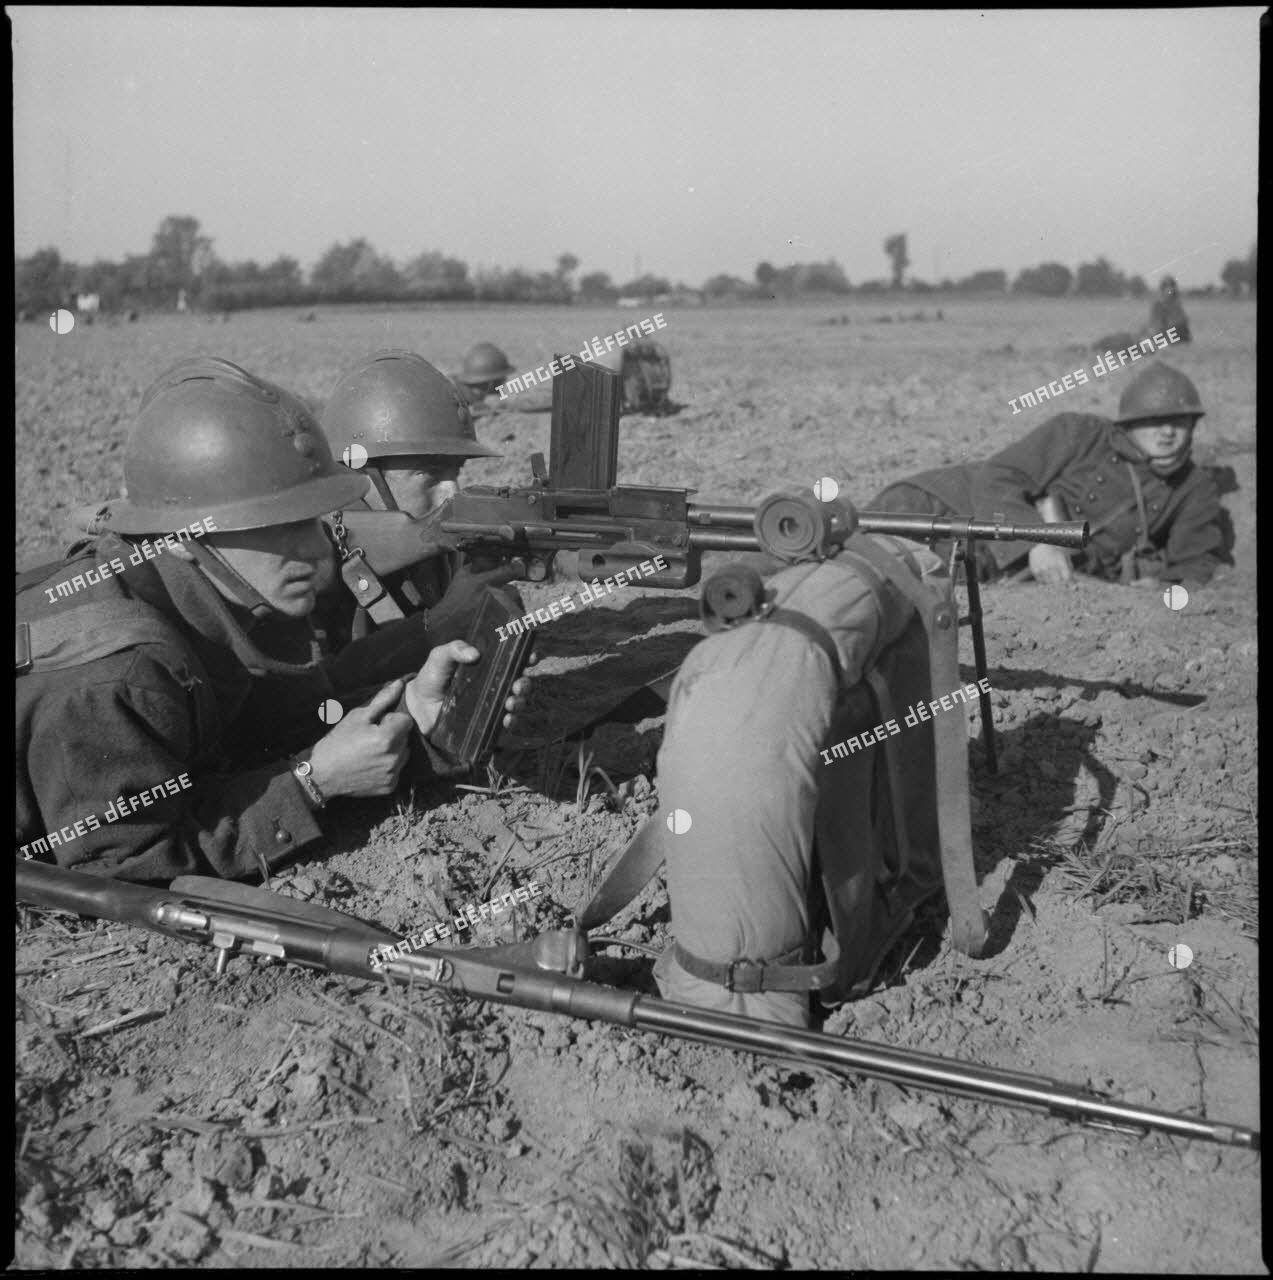 Fantassins du 310e régiment d'infanterie (RI) servant un fusil-mitrailleur (FM) M-24/29 au cours d'un entraînement, peut-être dans le secteur défensif de Lille.